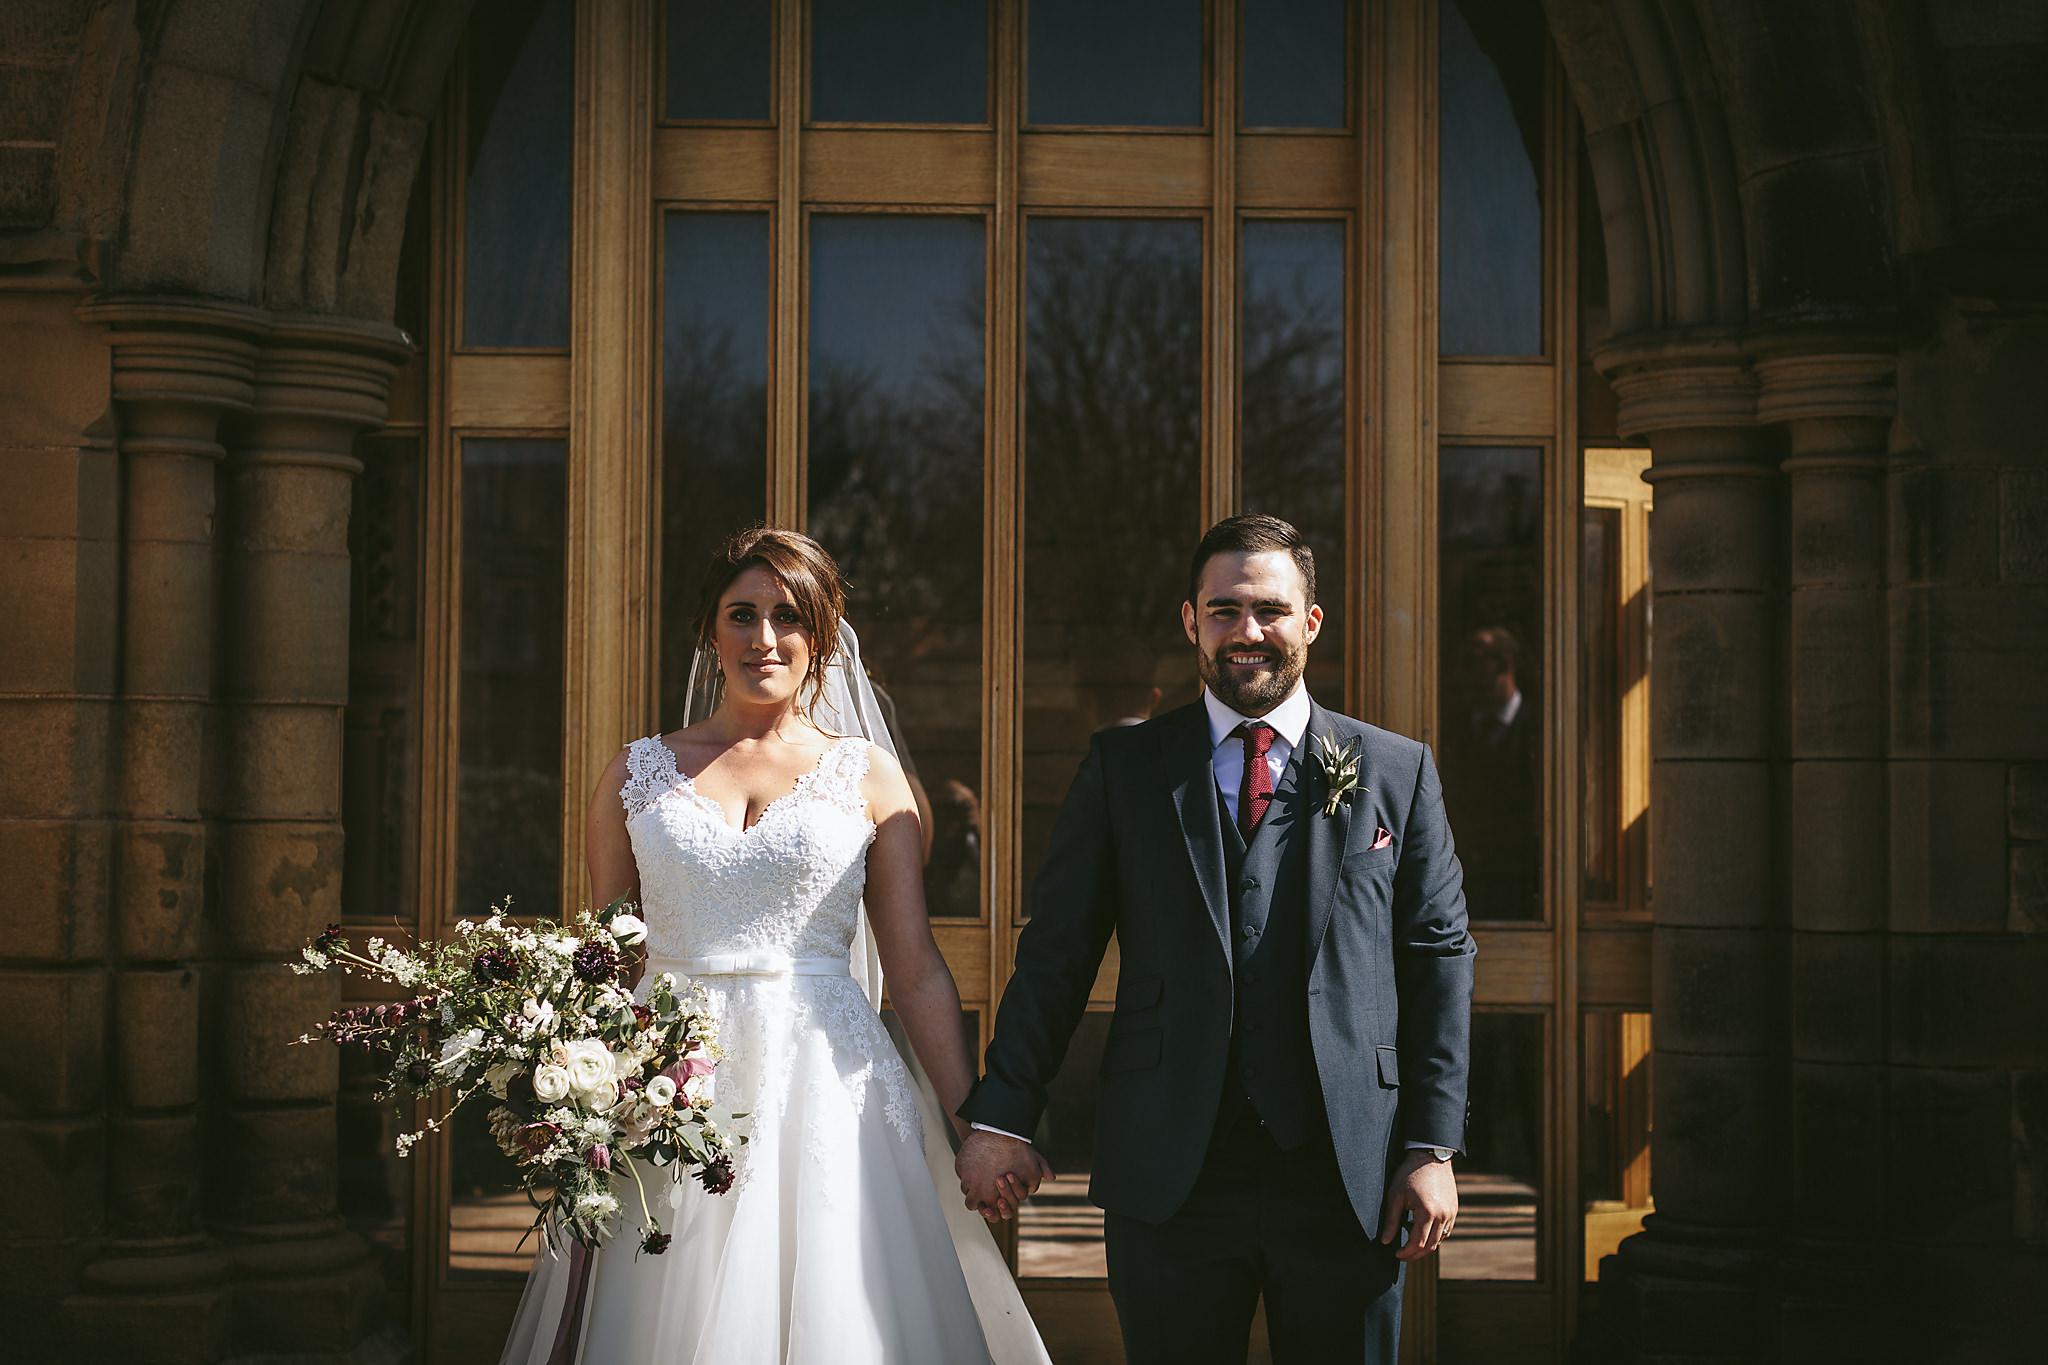 Allan_Rebecca_Wedding_WEB-211.jpg